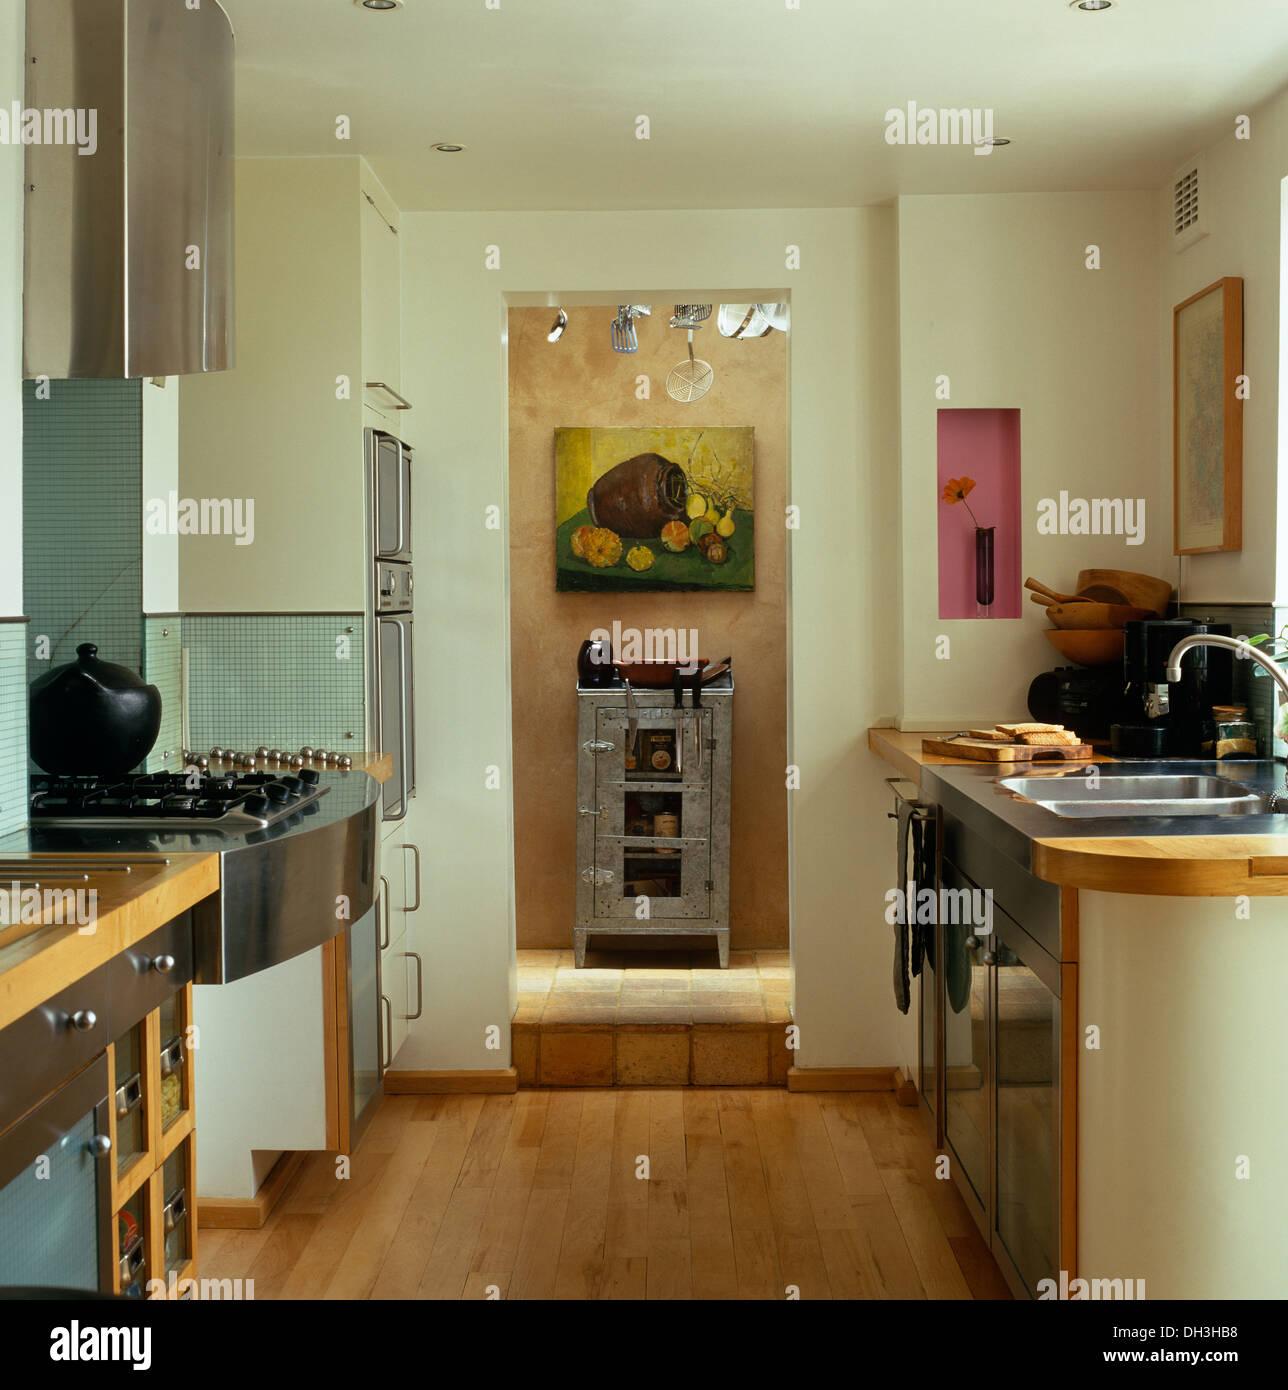 Großartig Moderne Bodenbeläge Sammlung Von Küche Aus Holz Arbeitsplatte Und Bodenbelag Mit